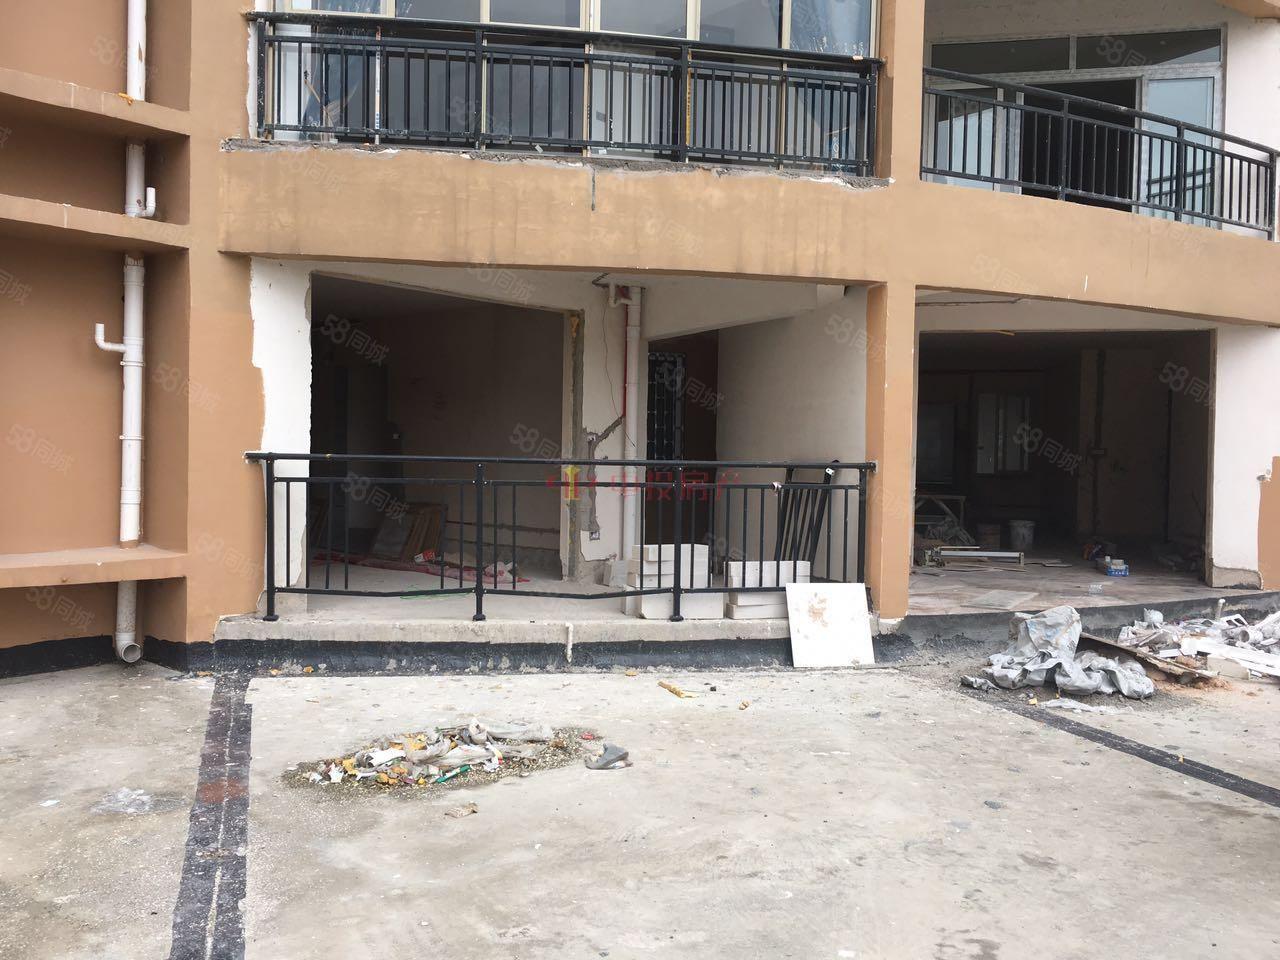 103地质大队3室2厅1卫1阳台